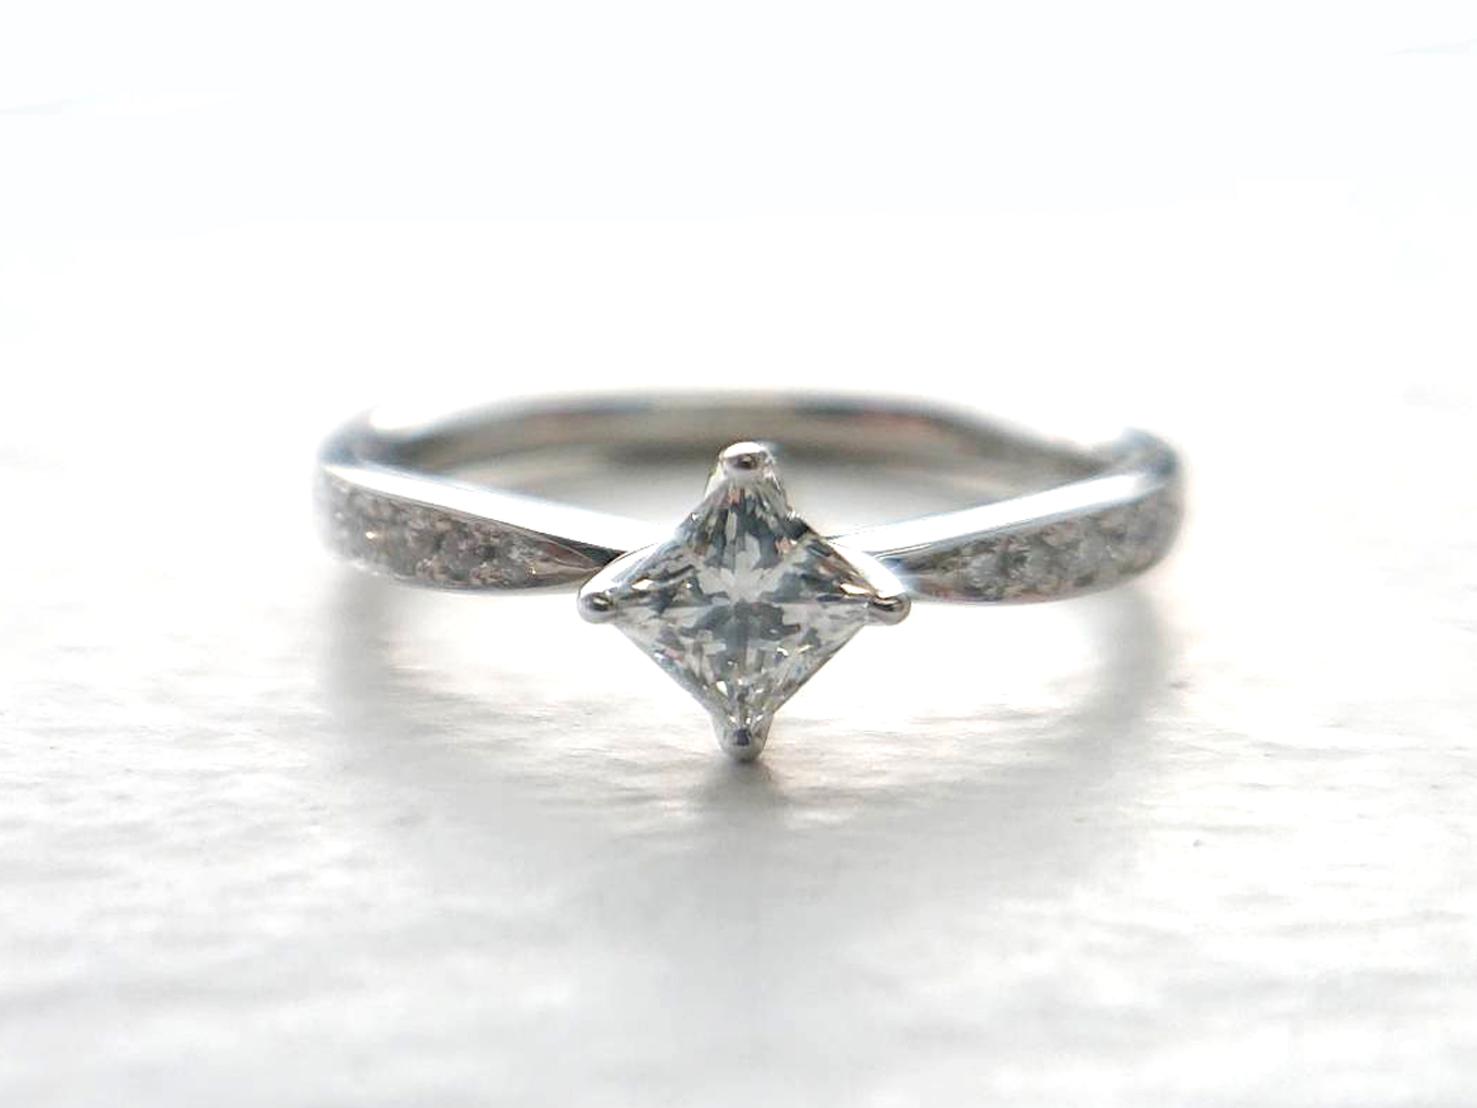 プリンセスカットのエンゲージリングふくろ爪で優しくダイヤモンドをセッティング